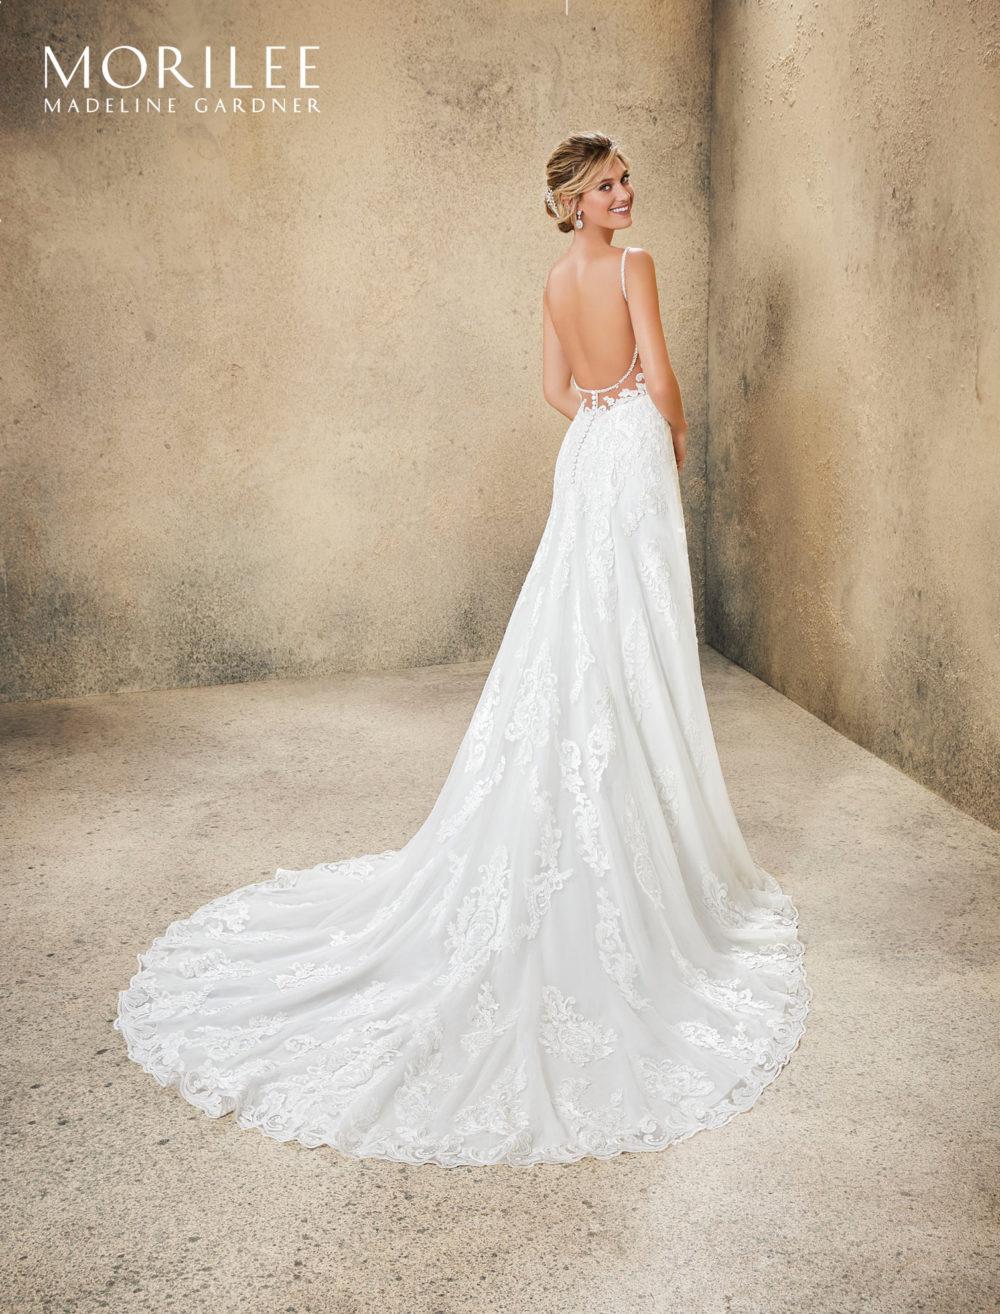 Mariages: abito da sposa Morilee 2020 a Vicenza, Verona, Padova, Veneto 5767